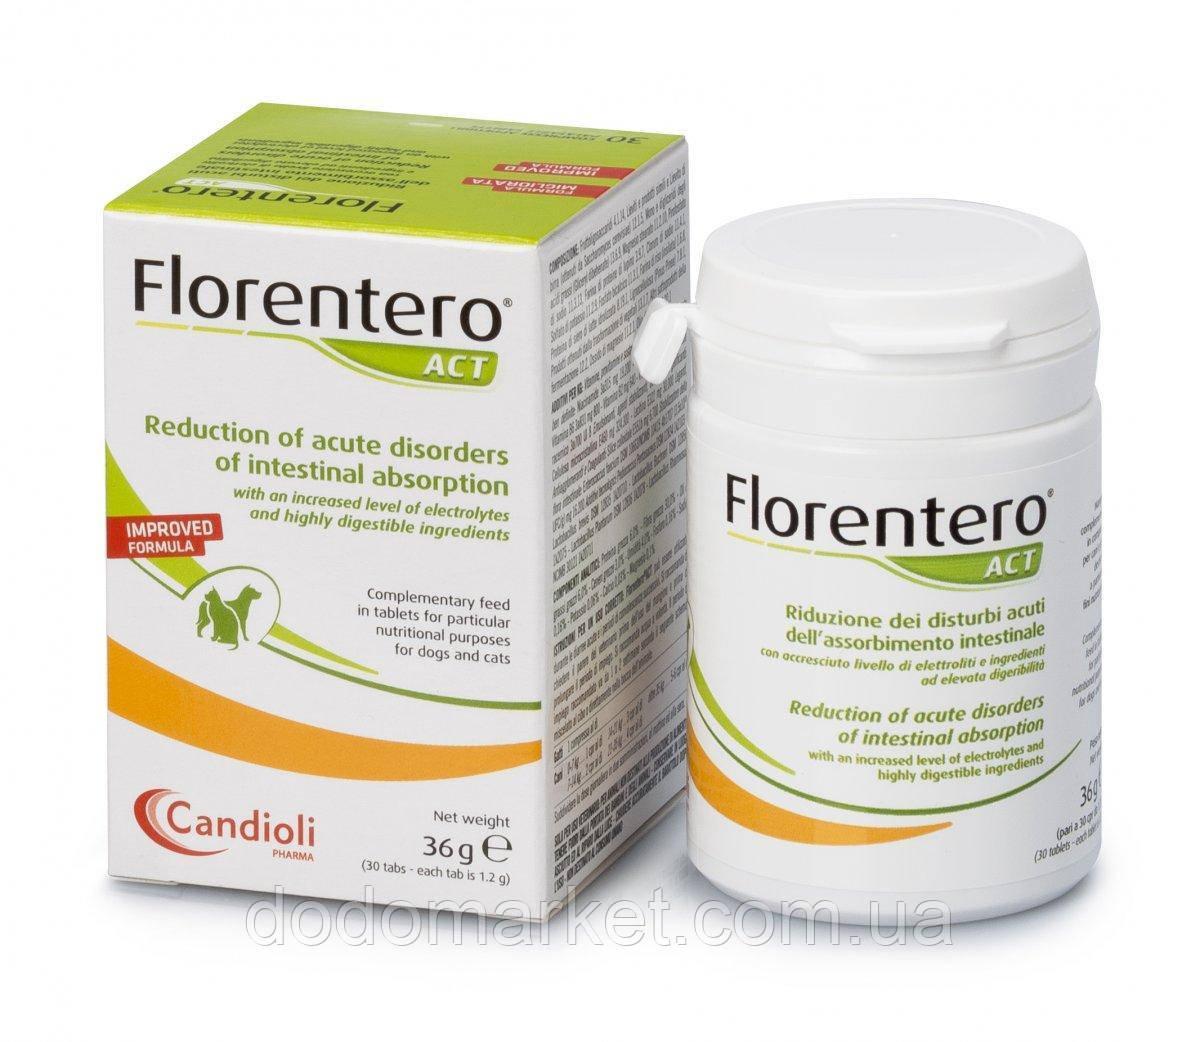 Таблетки Candioli Florentero ACT (30 шт) для нормализации работы желудочно-кишечного тракта животных